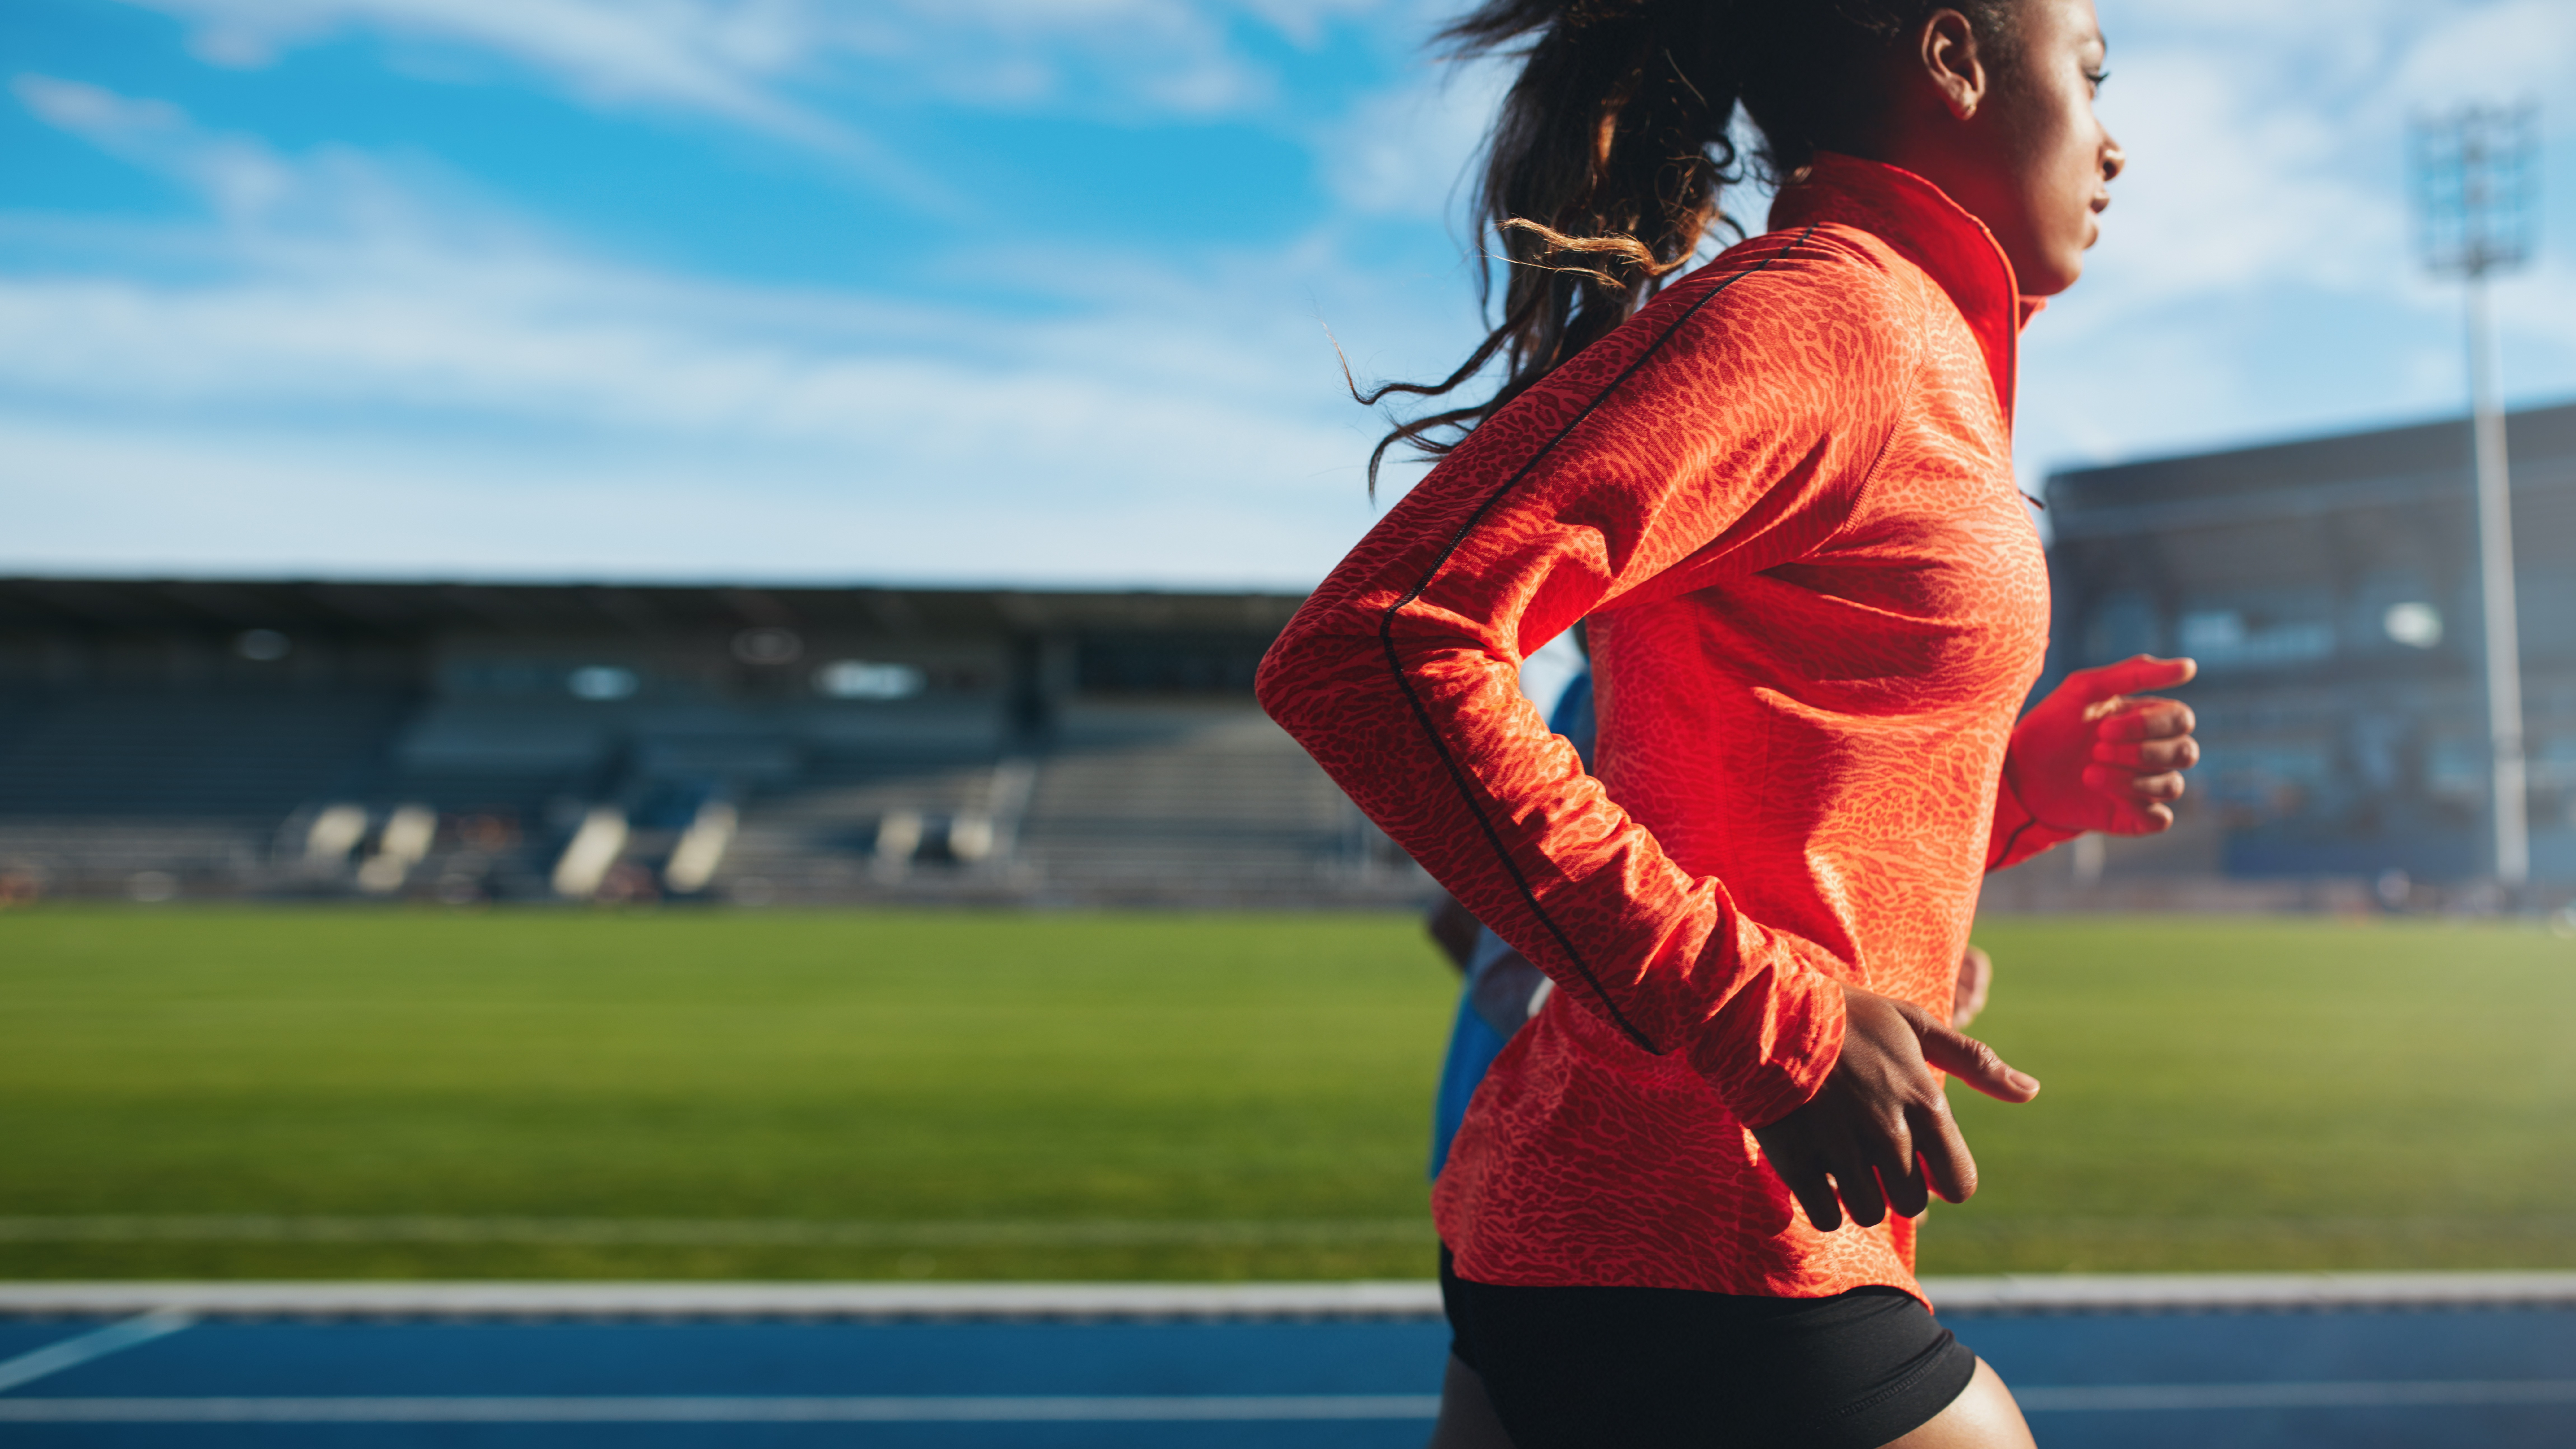 En el caso de runners, profesionales y aficionados que participarán en la 10k y 21k de la Maratón RPP 2017 este 19 de noviembre, estos ejercicios previos a la actividad física pueden hacer la diferencia.